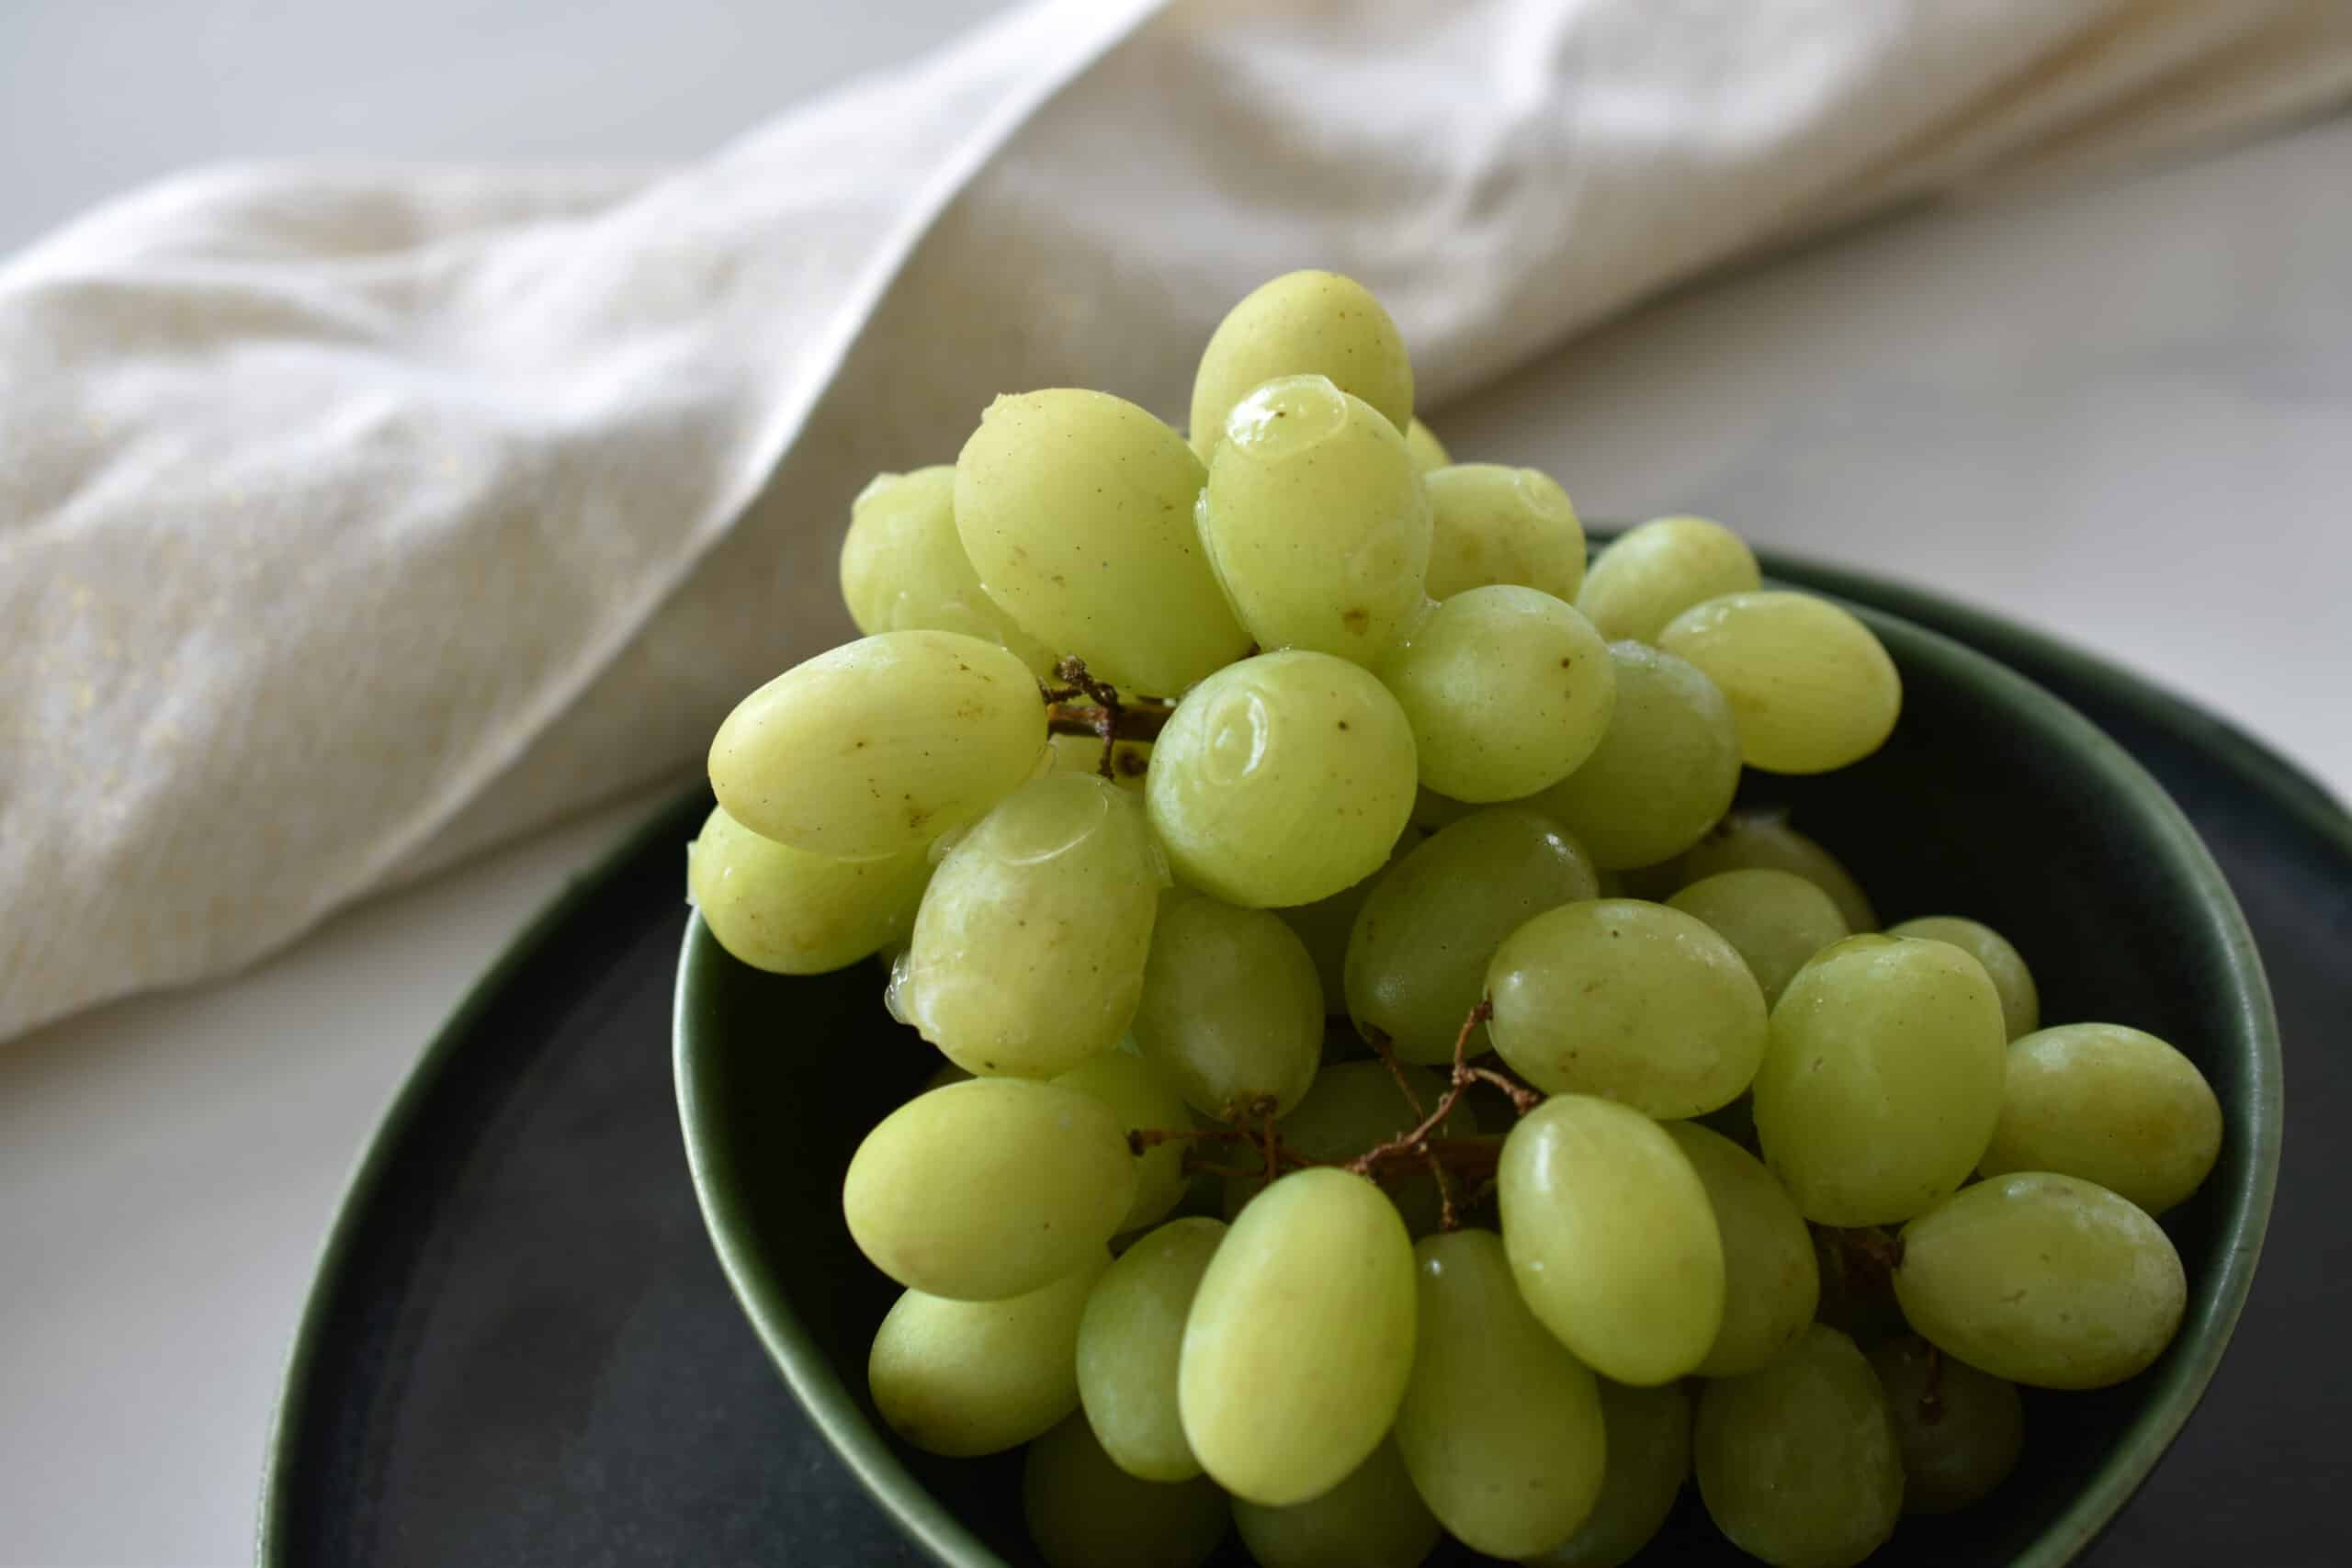 Gefrorene Weintrauben - der perfekte Snack zum Abnehmen im Sommer